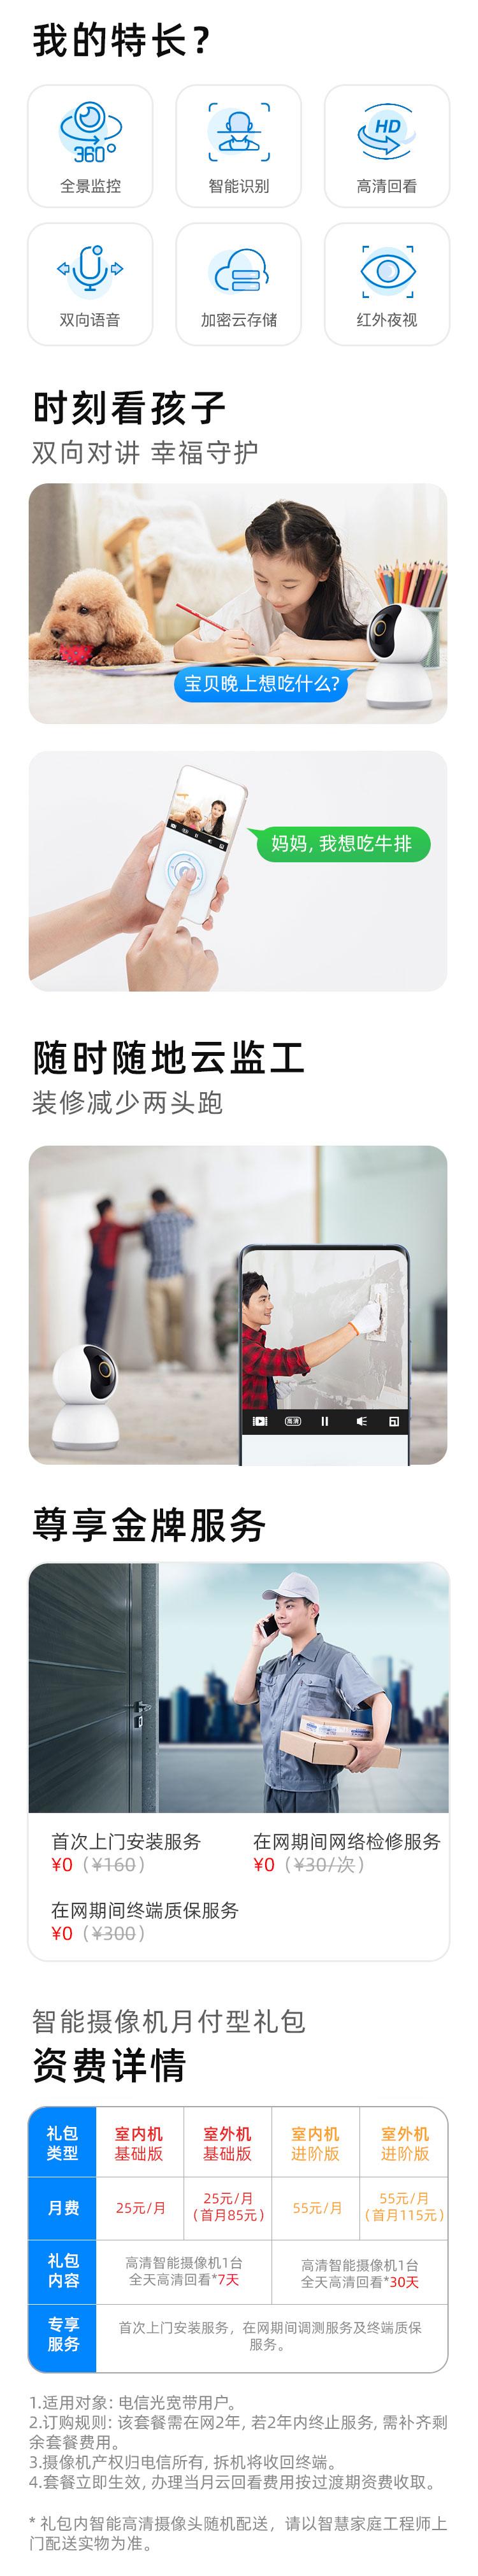 0517-天翼看家摄像头月付型高清25元和55元企业微信版本-9506(1)_02.jpg